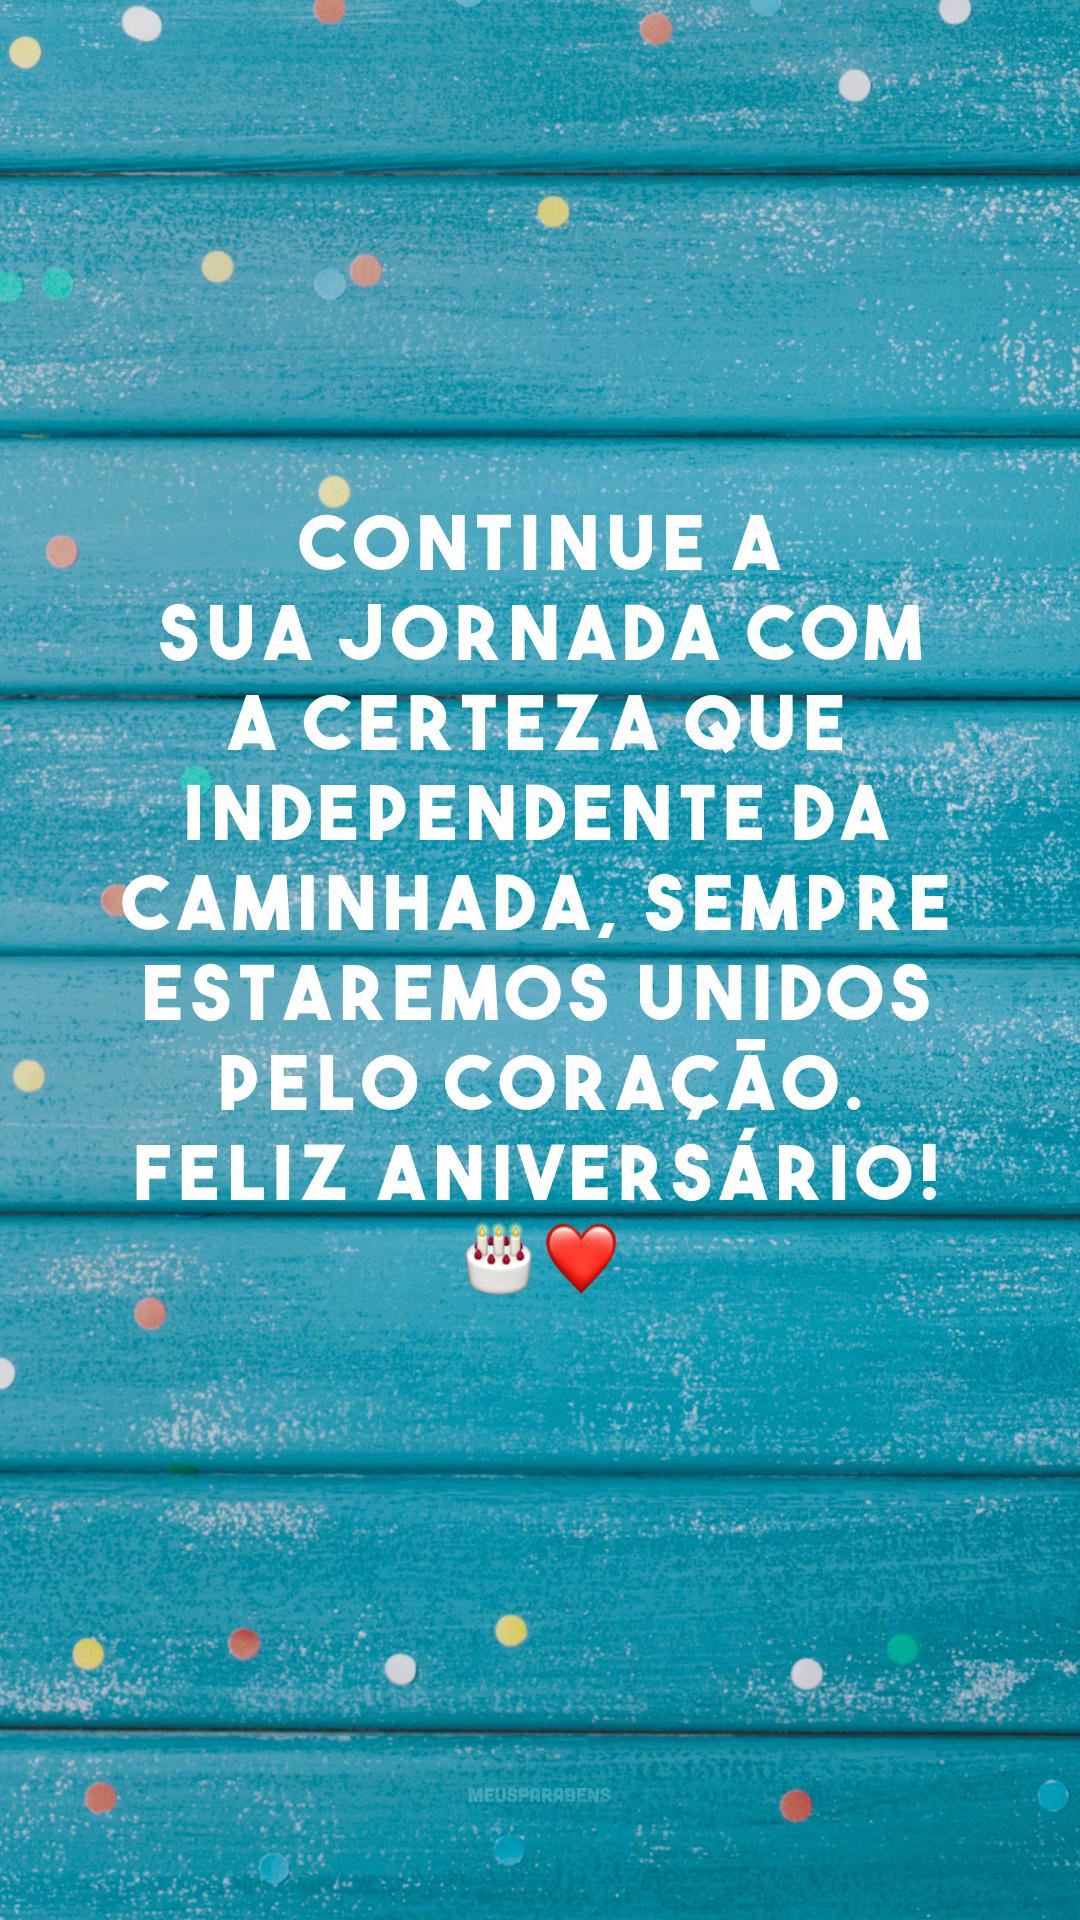 Continue a sua jornada com a certeza que independente da caminhada, sempre estaremos unidos pelo coração. Feliz aniversário! 🎂❤